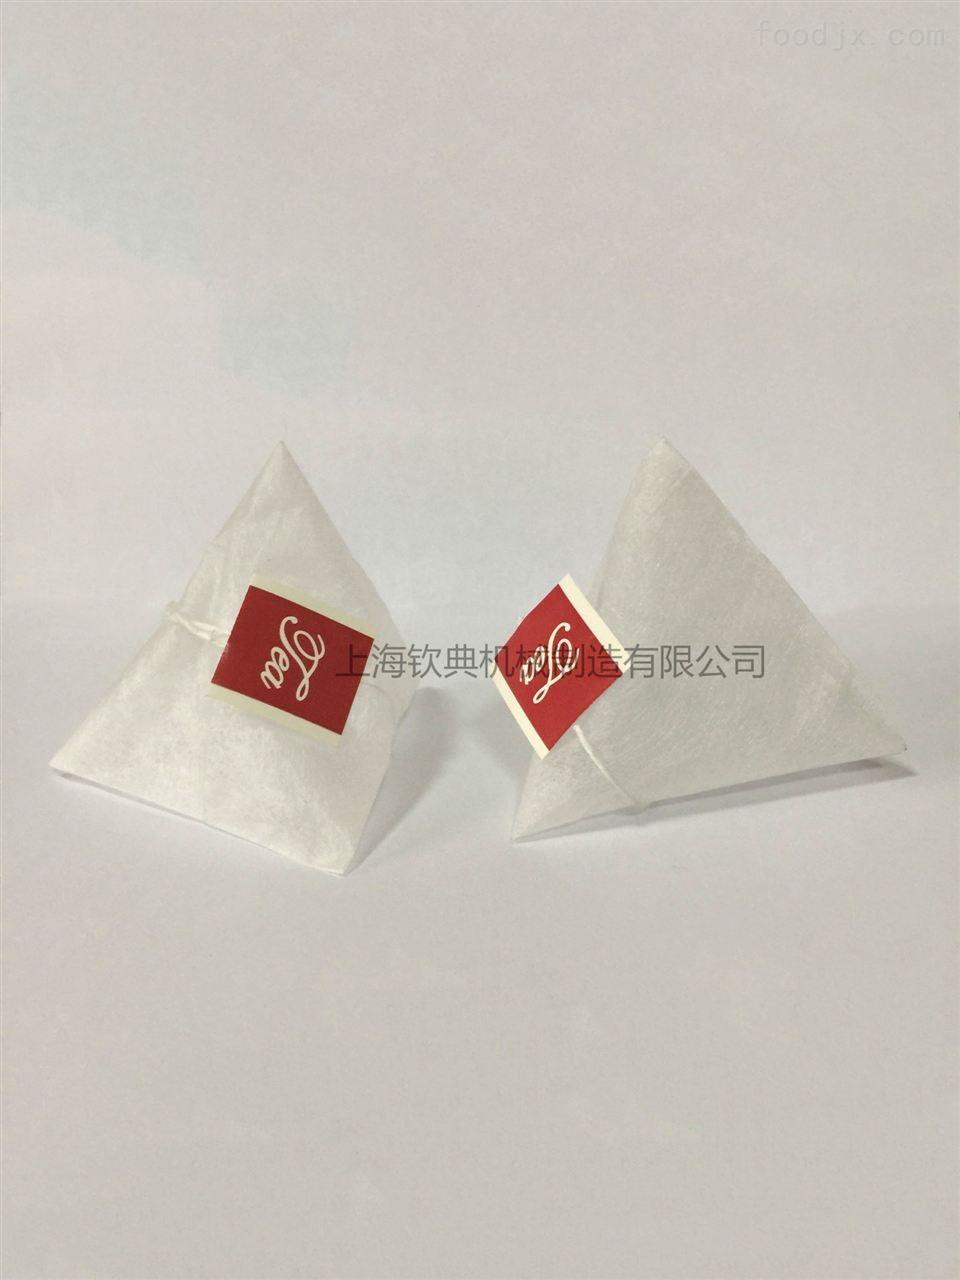 玫瑰花枸杞冰糖组合三角包茶叶包装机